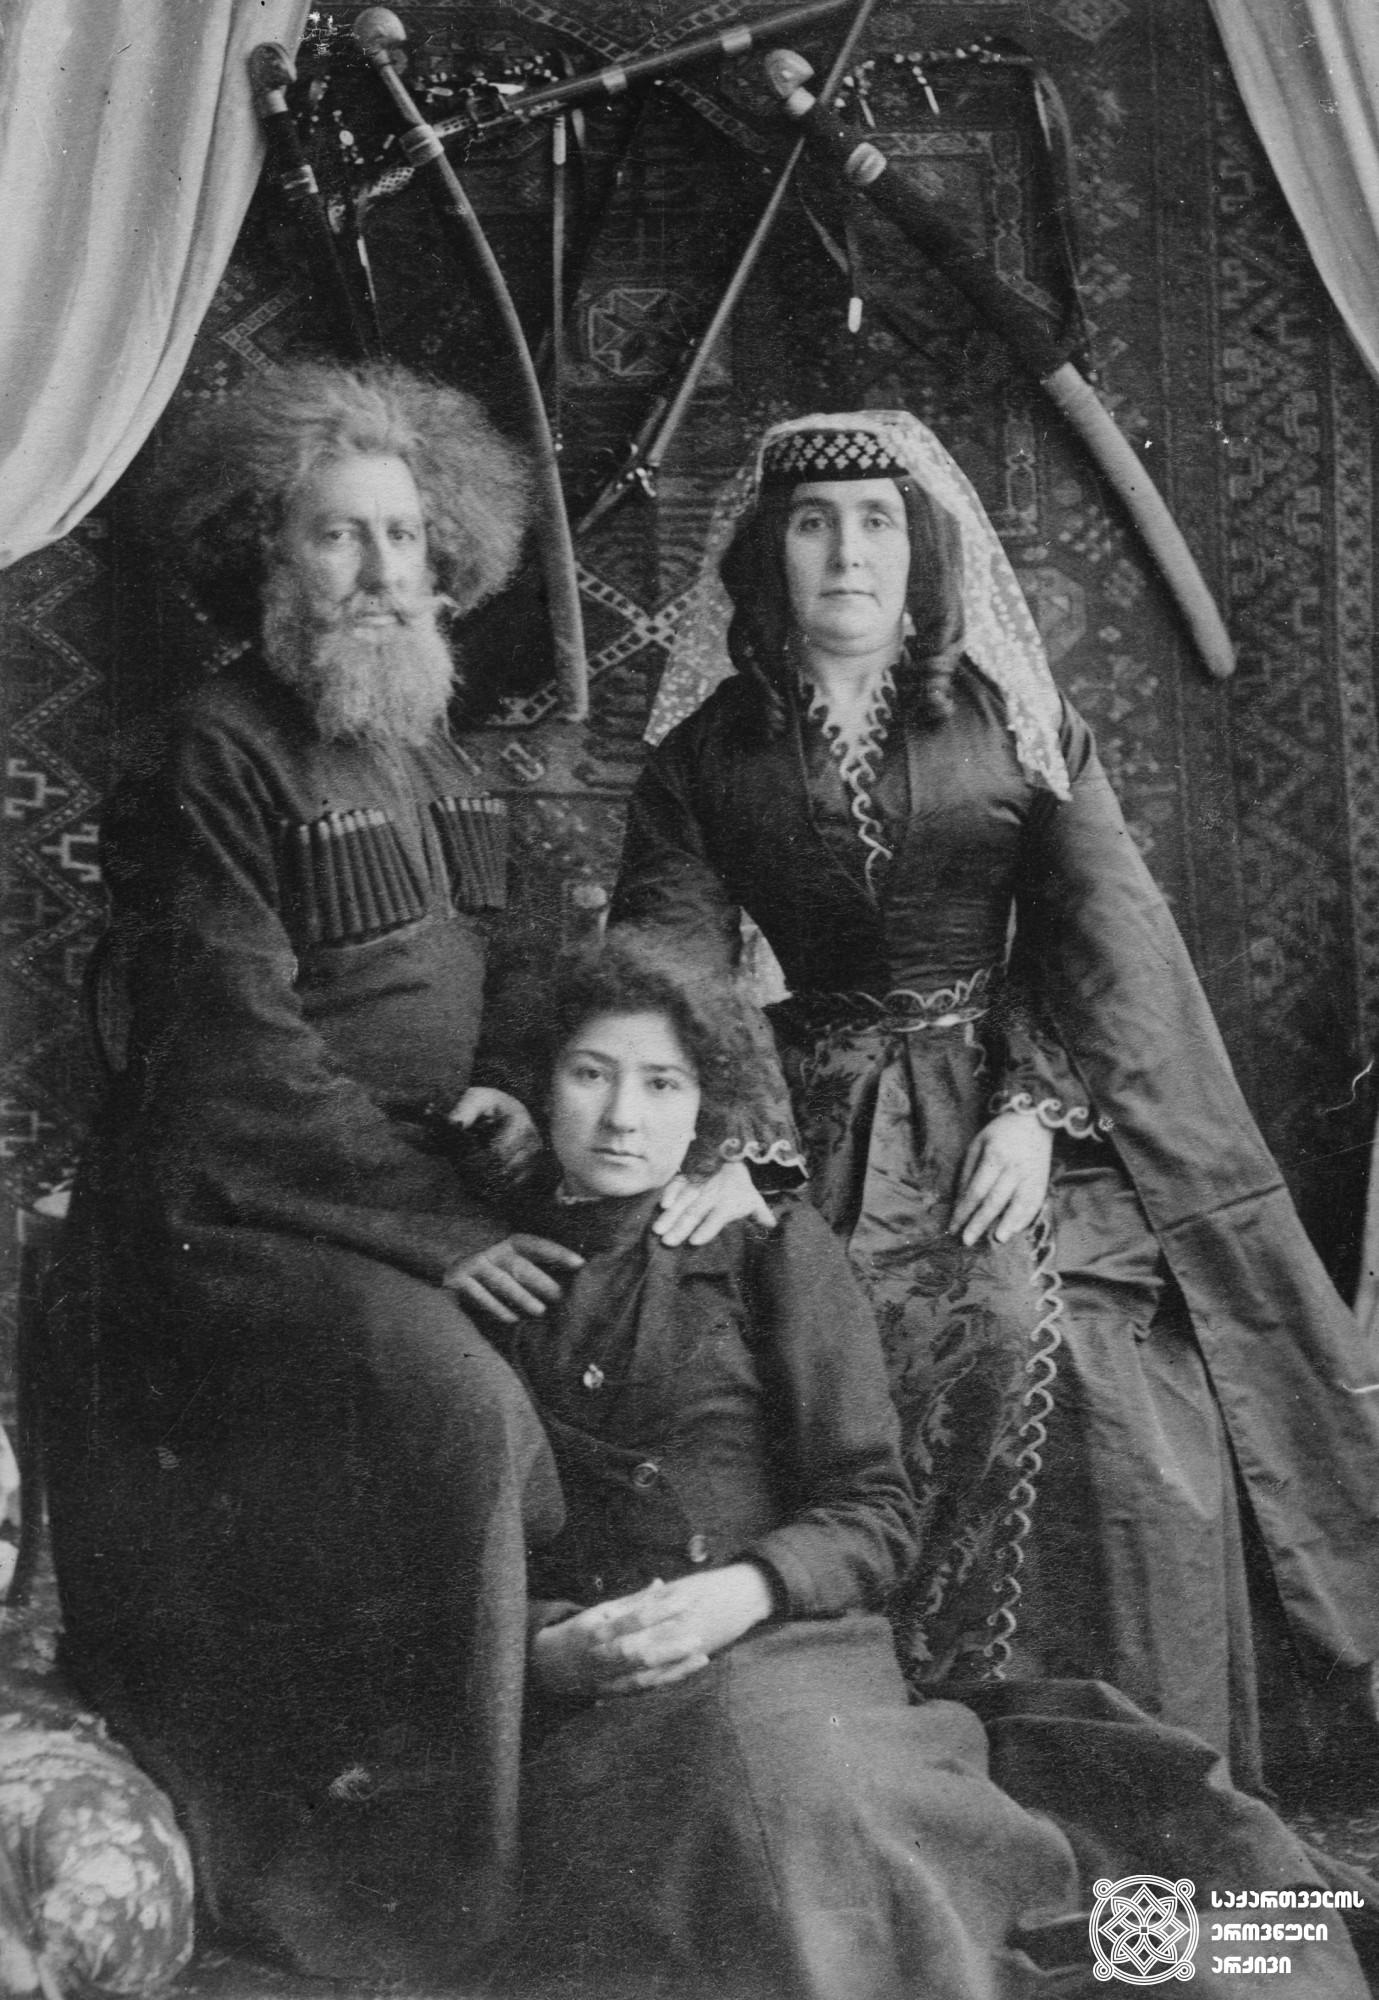 ჯაბა გურიელი მეუღლესა და ქალიშვილთან ერთად.  <br> მინის ნეგატივი 12X16. <br> Jaba Gurieli with his wife and daughter. <br> Glass negative 12X16. <br>